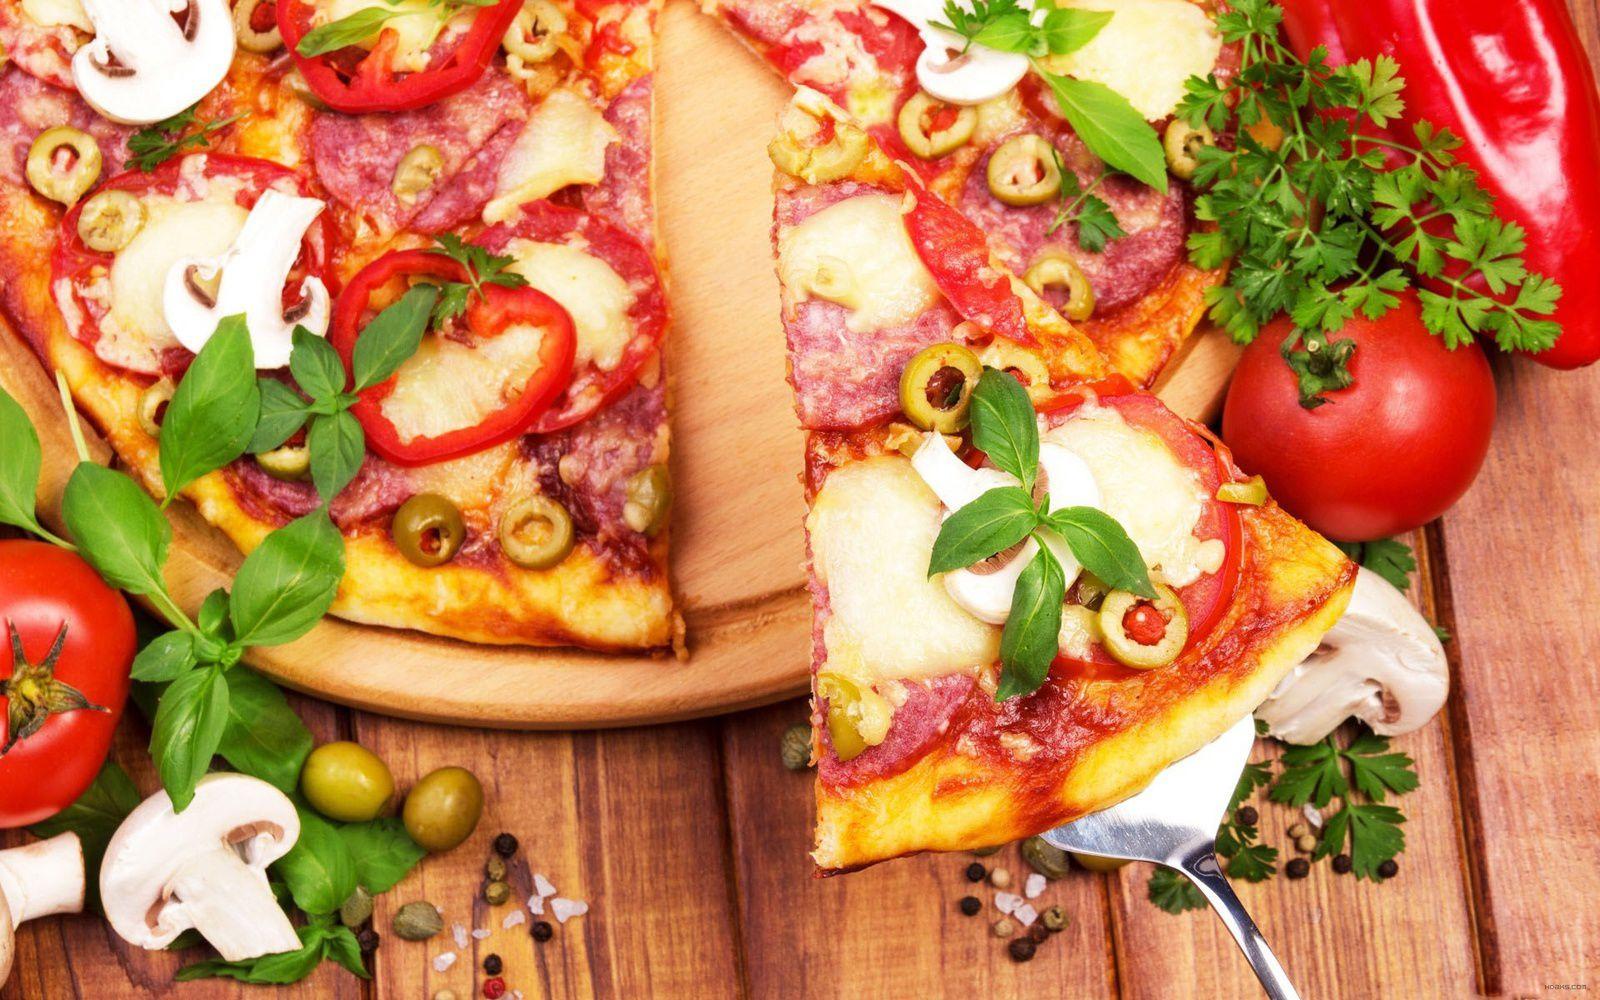 Bon appétit - Pizza - Nourriture - Wallpaper - Free